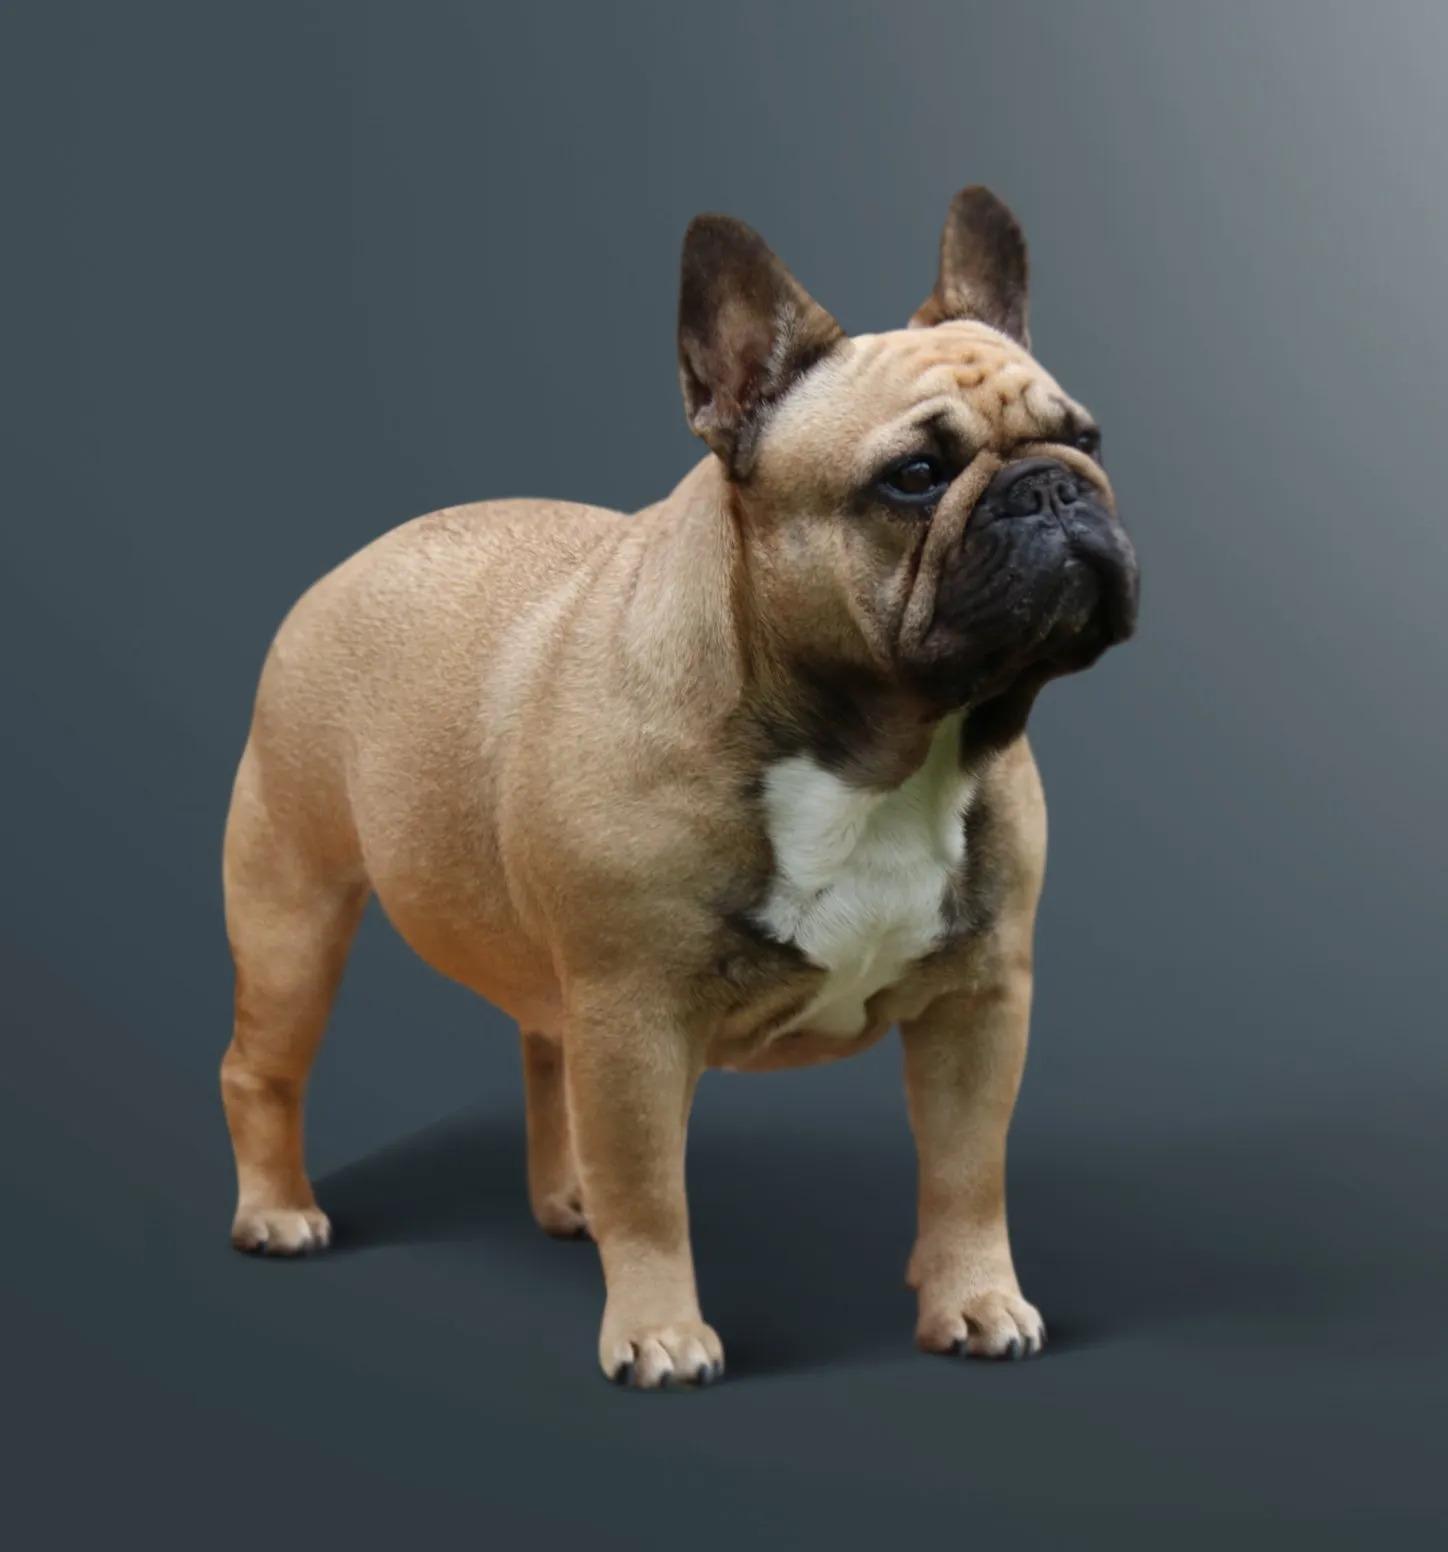 Hillcon's French Bulldogs